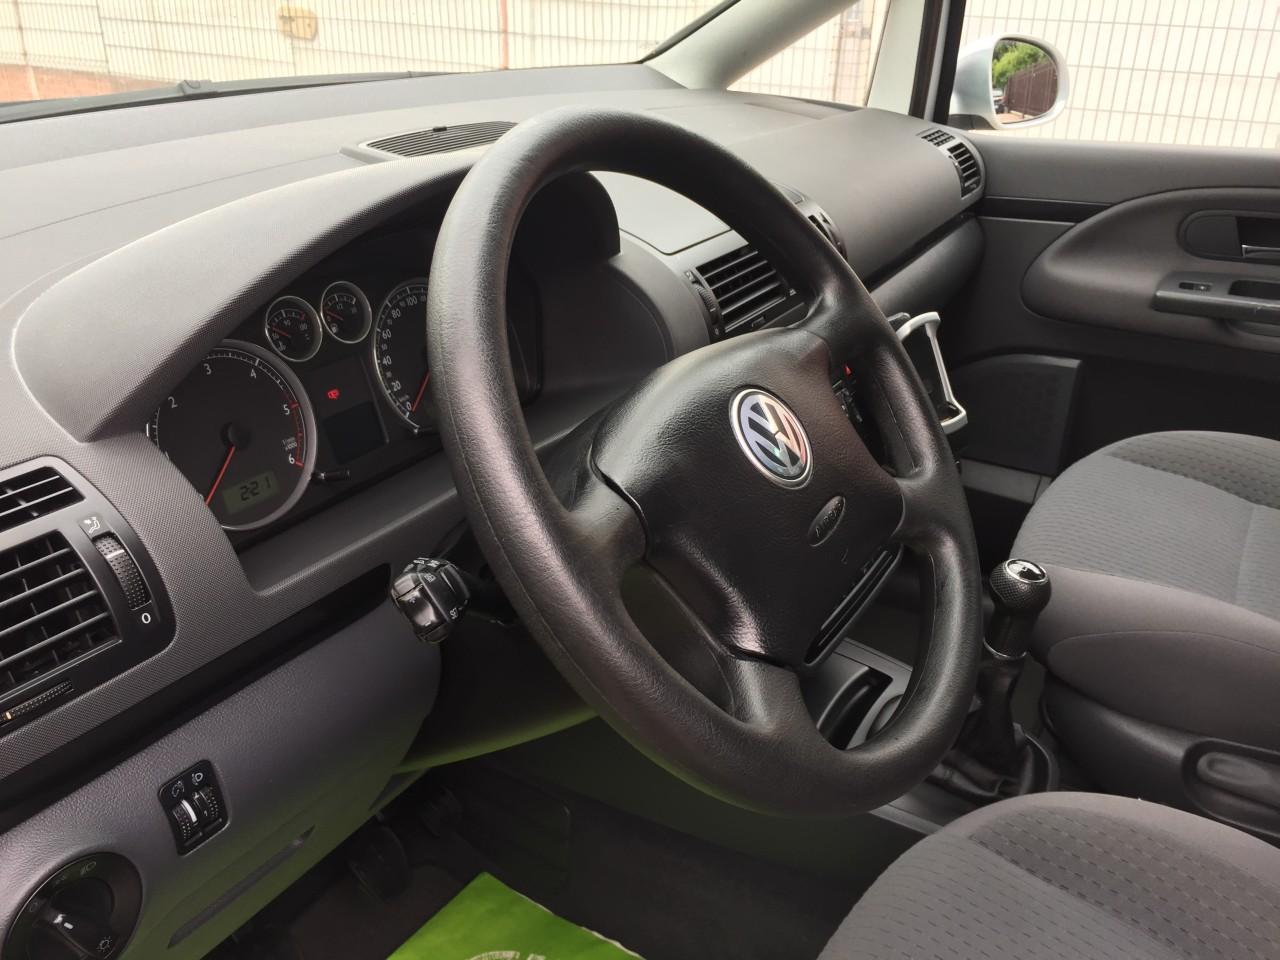 VW Sharan 1900 TDI/ 116 Cp, EURO 4 2007